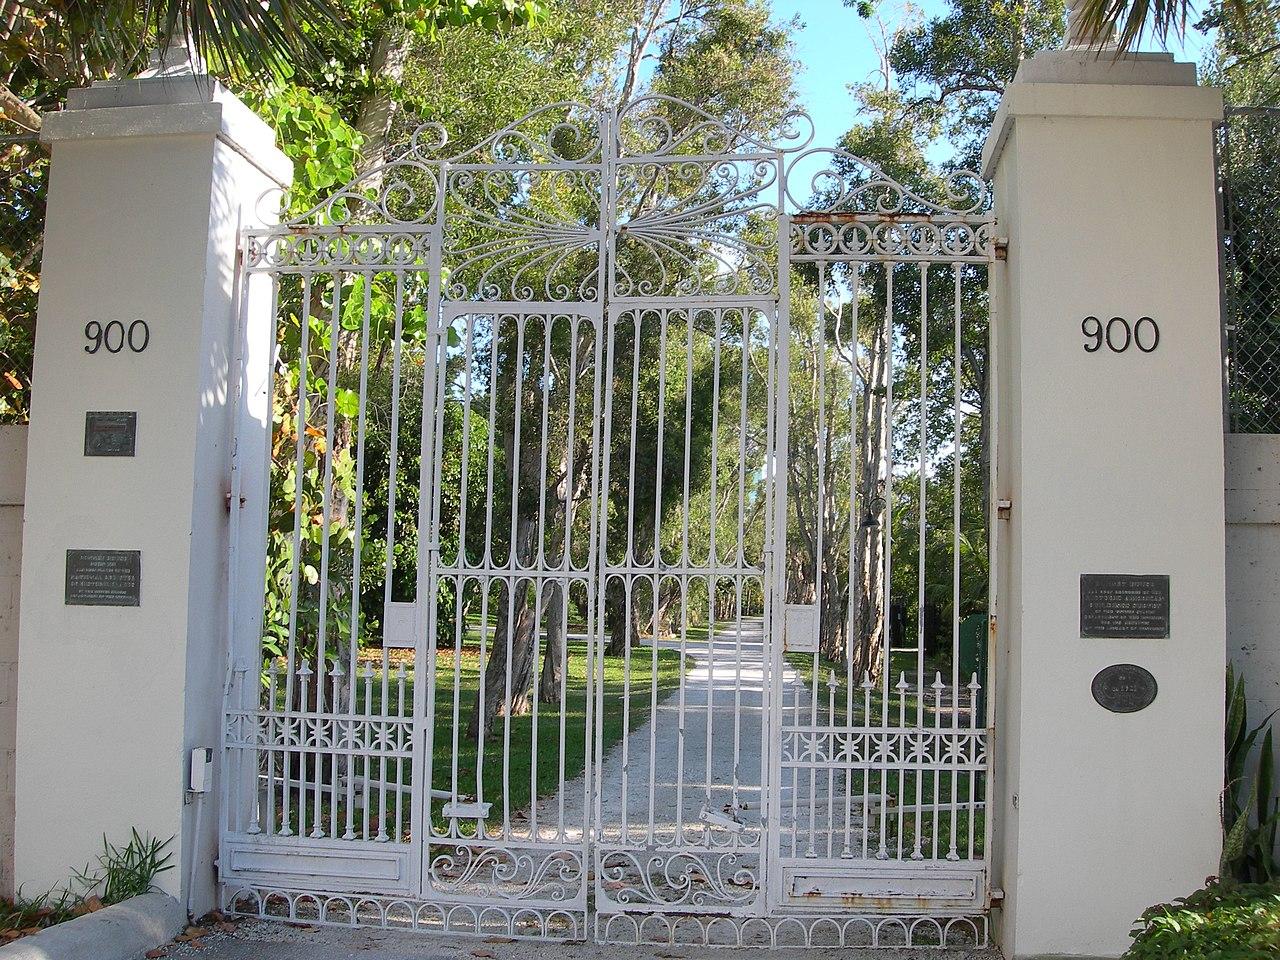 File:Bonnet-house-gate.jpg